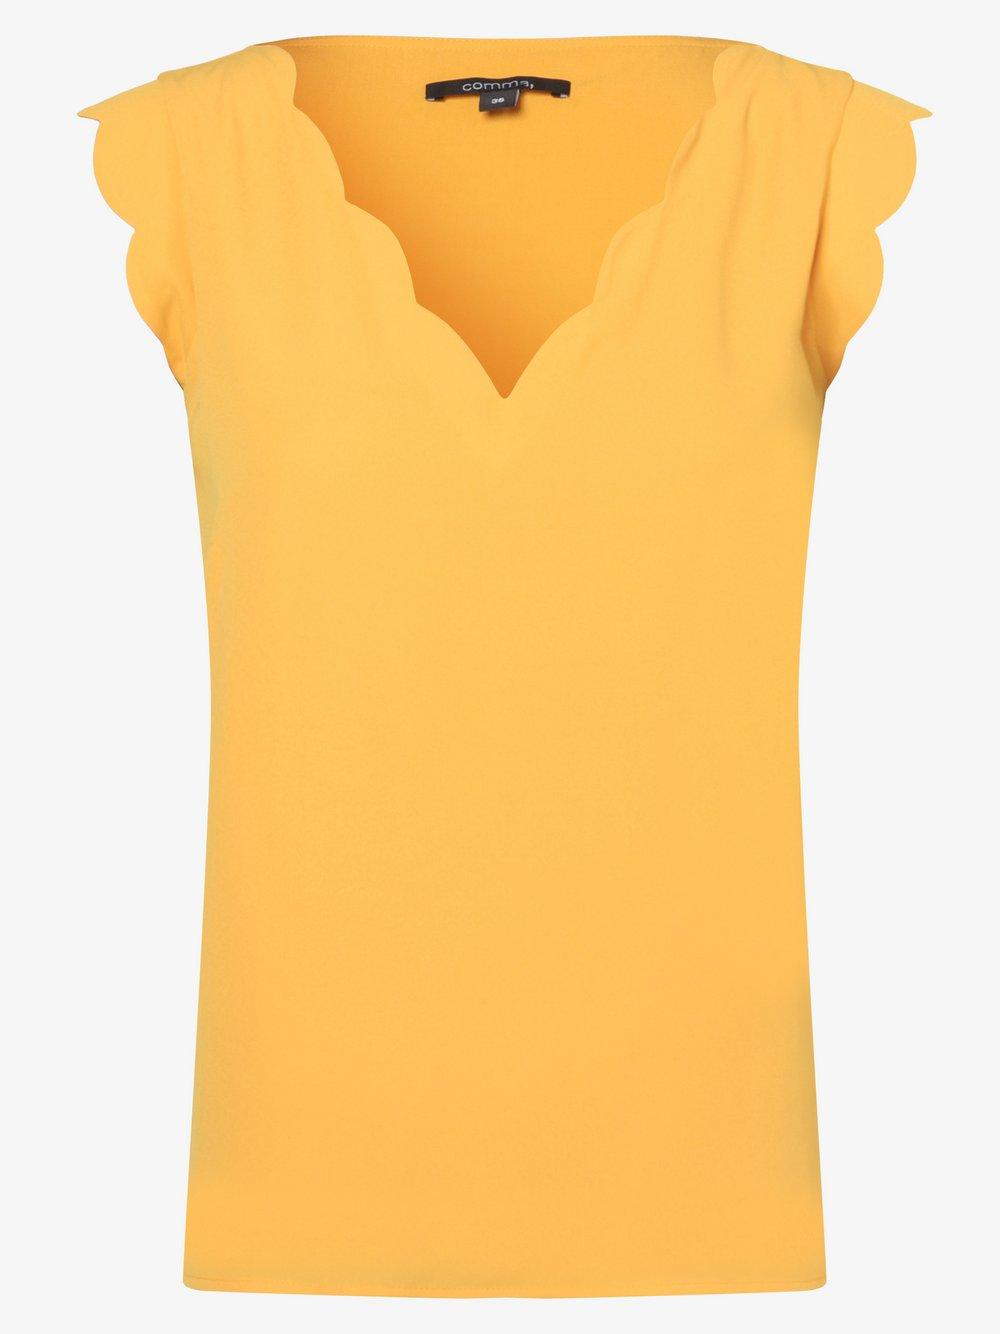 comma - Bluzka damska, pomarańczowy